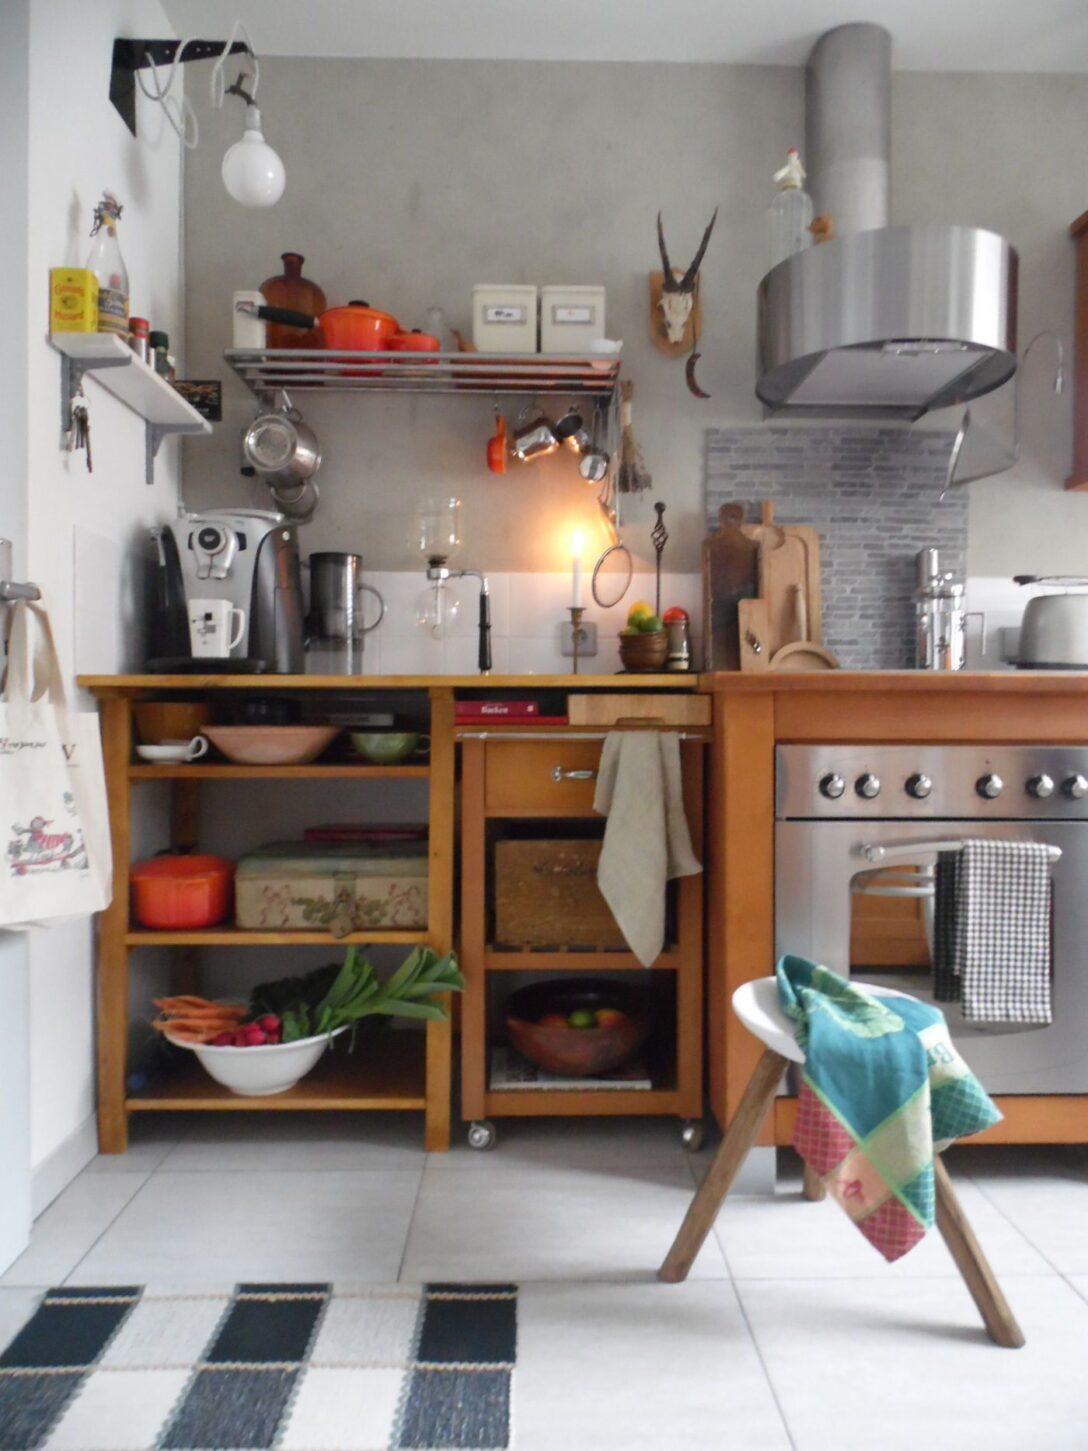 Large Size of Küche Türkis Landhaus Einbauküche Ohne Kühlschrank Handtuchhalter Unterschränke Sofa Geräte Wasserhähne Vinylboden Stengel Miniküche Industriedesign Wohnzimmer Küche Türkis Landhaus